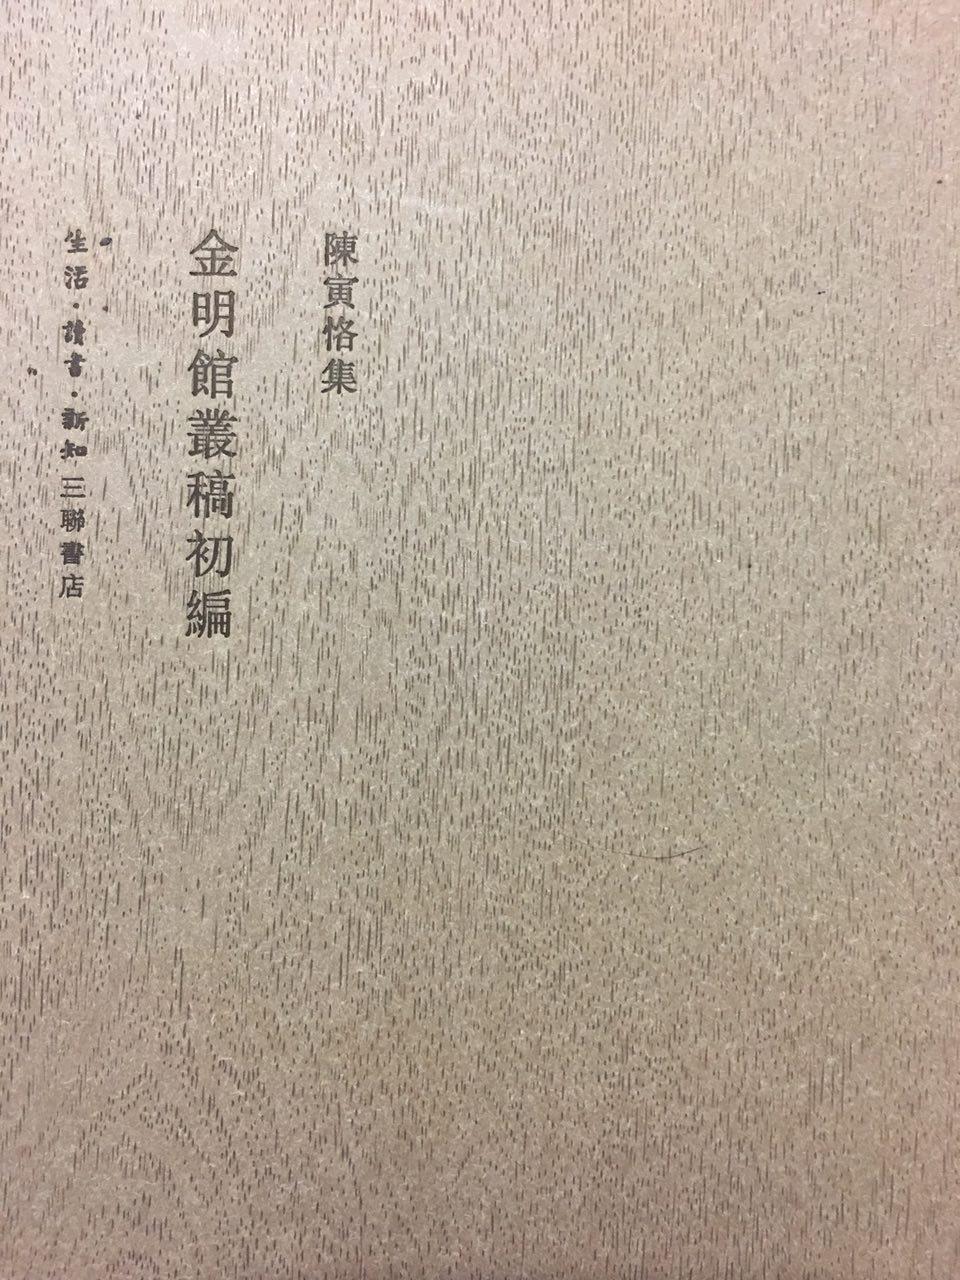 陳寅恪:《金明館叢稿初編》書影。